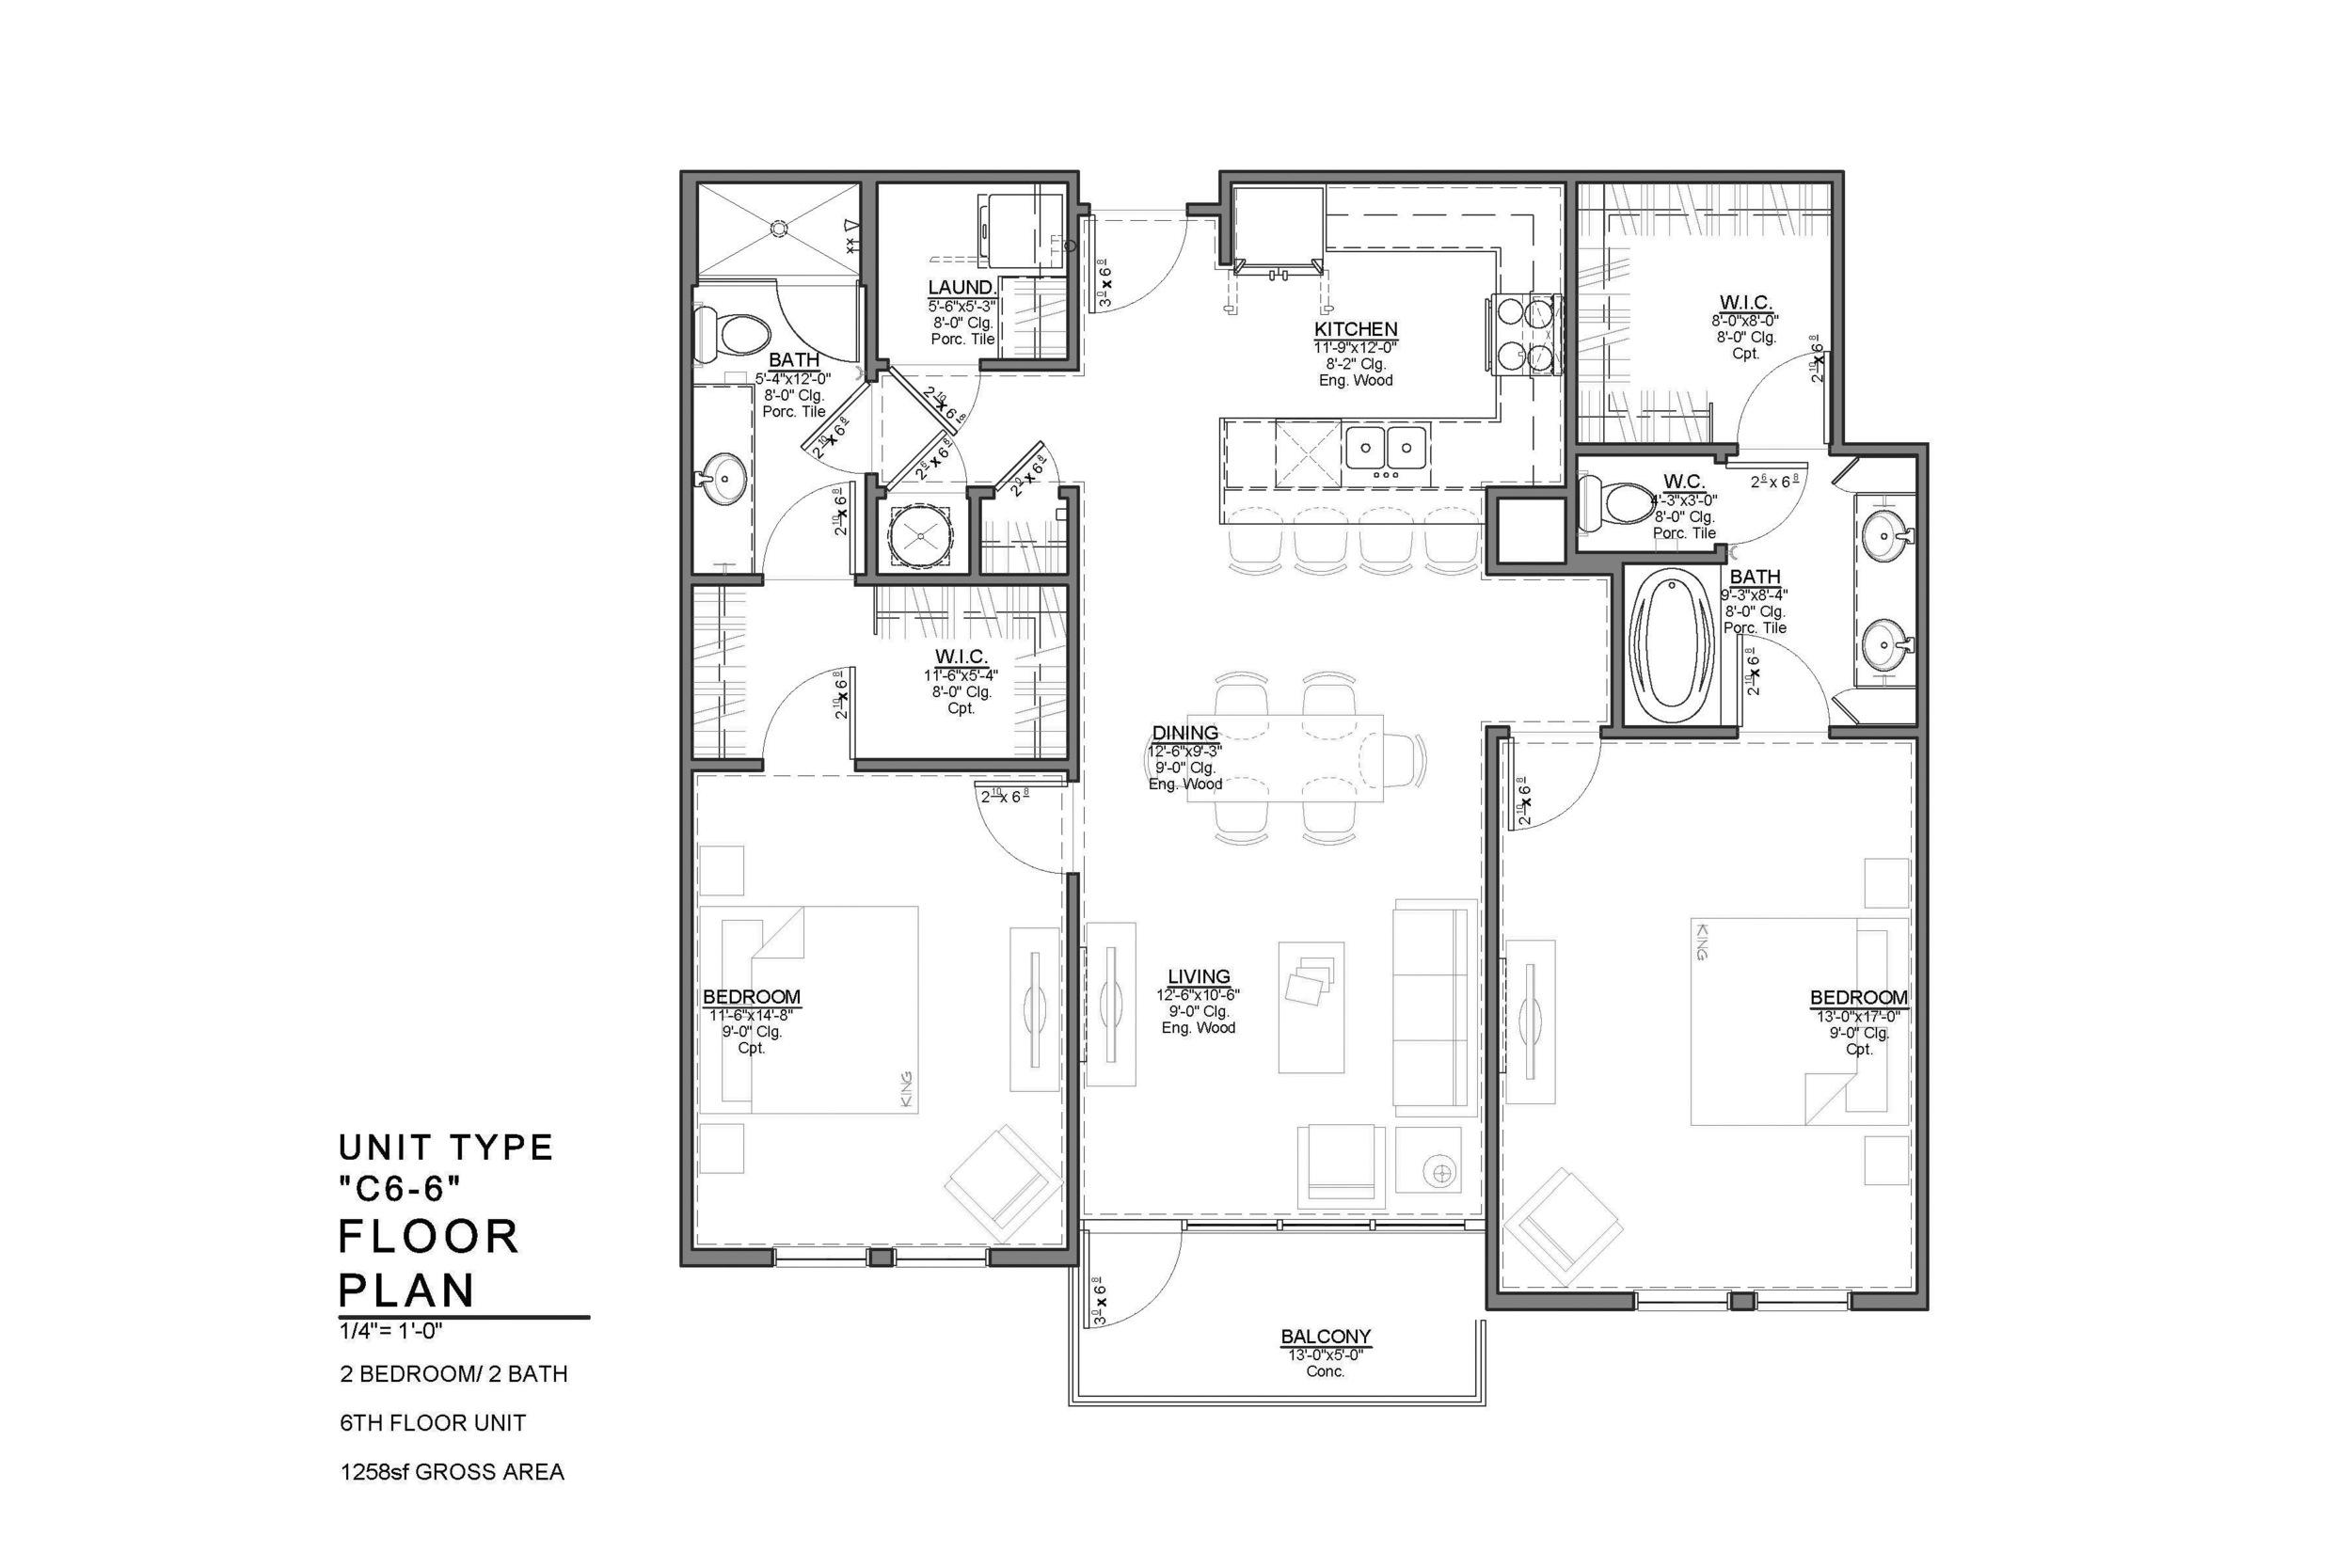 C6-6 FLOOR PLAN: 2 BEDROOM / 2 BATH